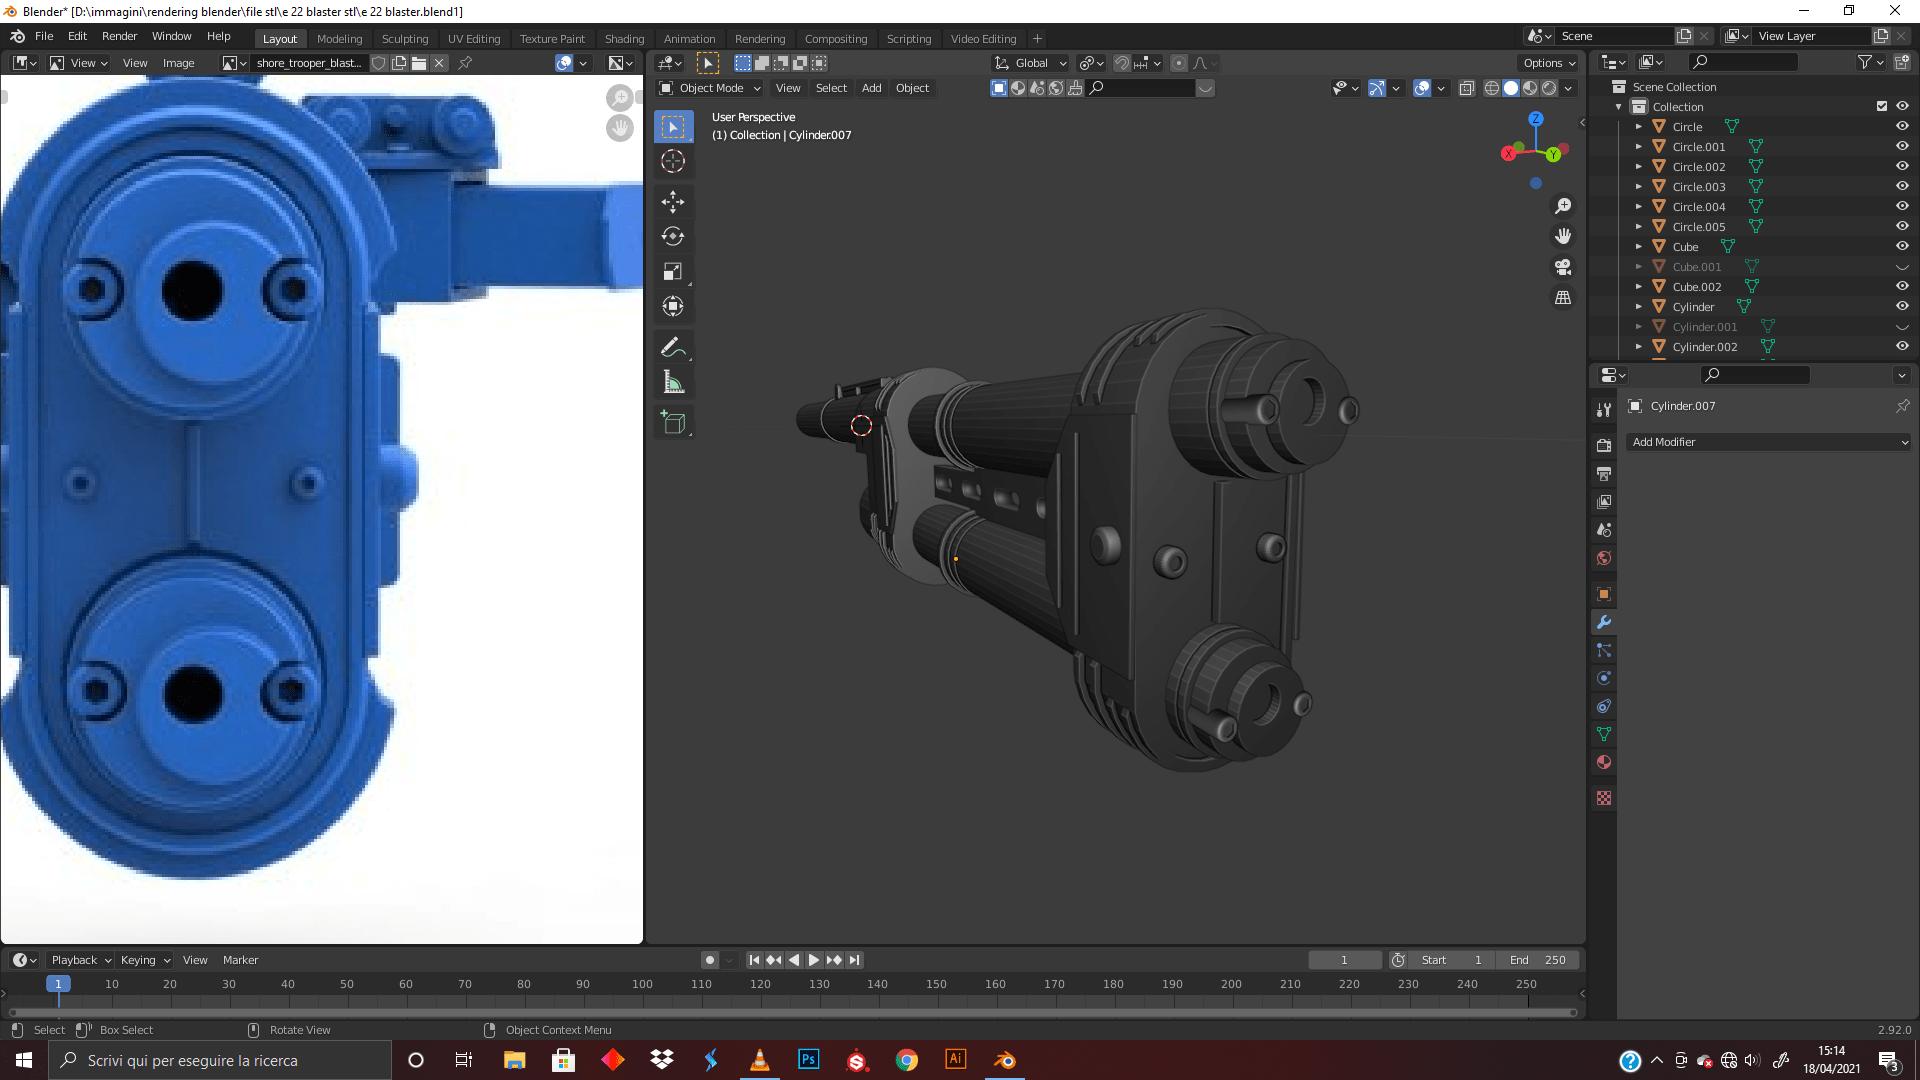 e-22-blaster-rifle